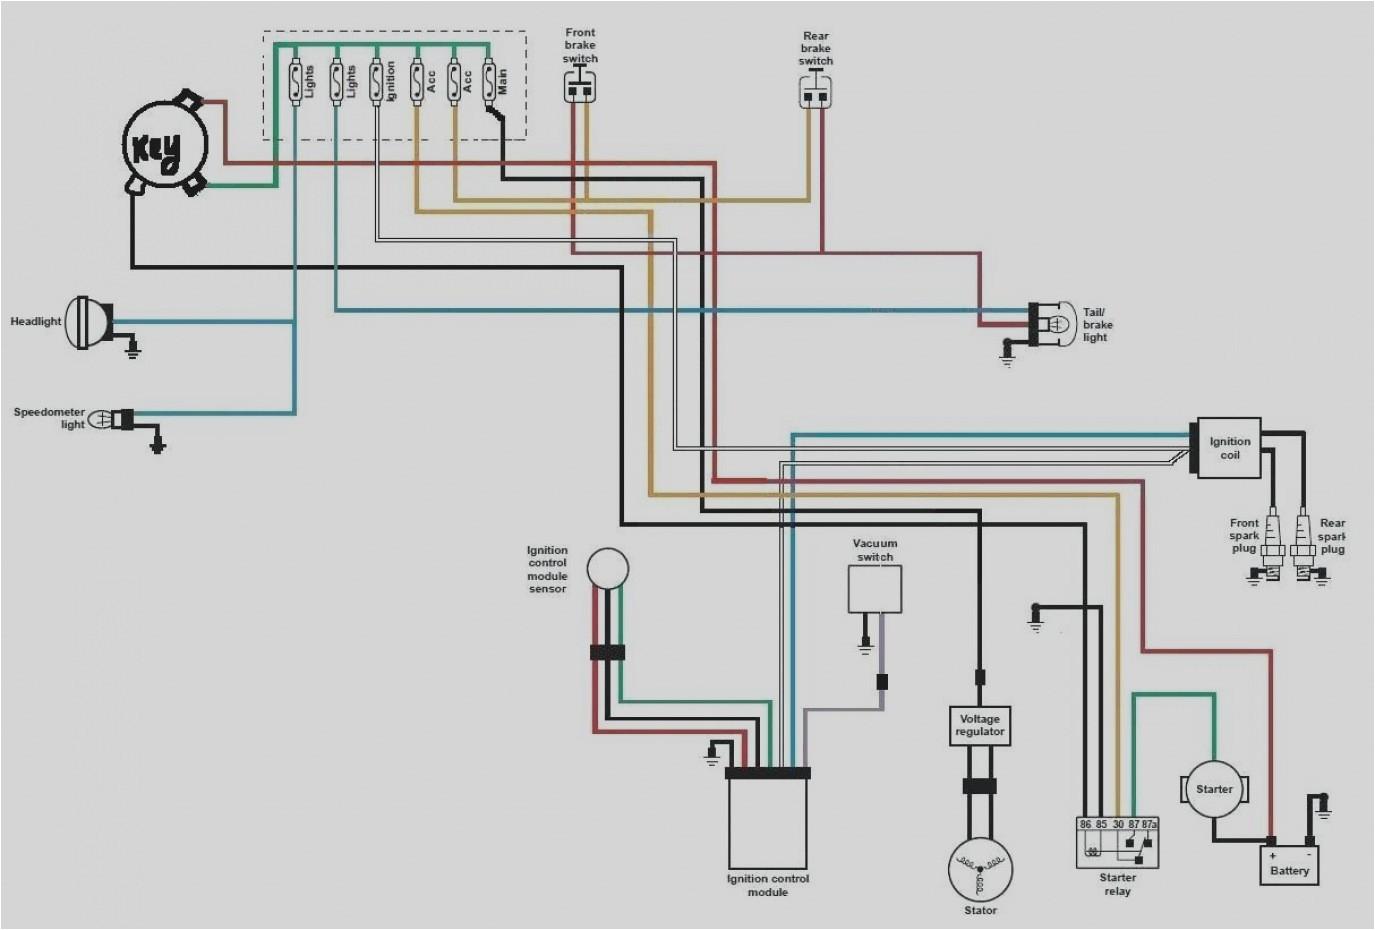 basic wiring diagram harley davidson wiring diagram harley davidson v rod wiring diagram